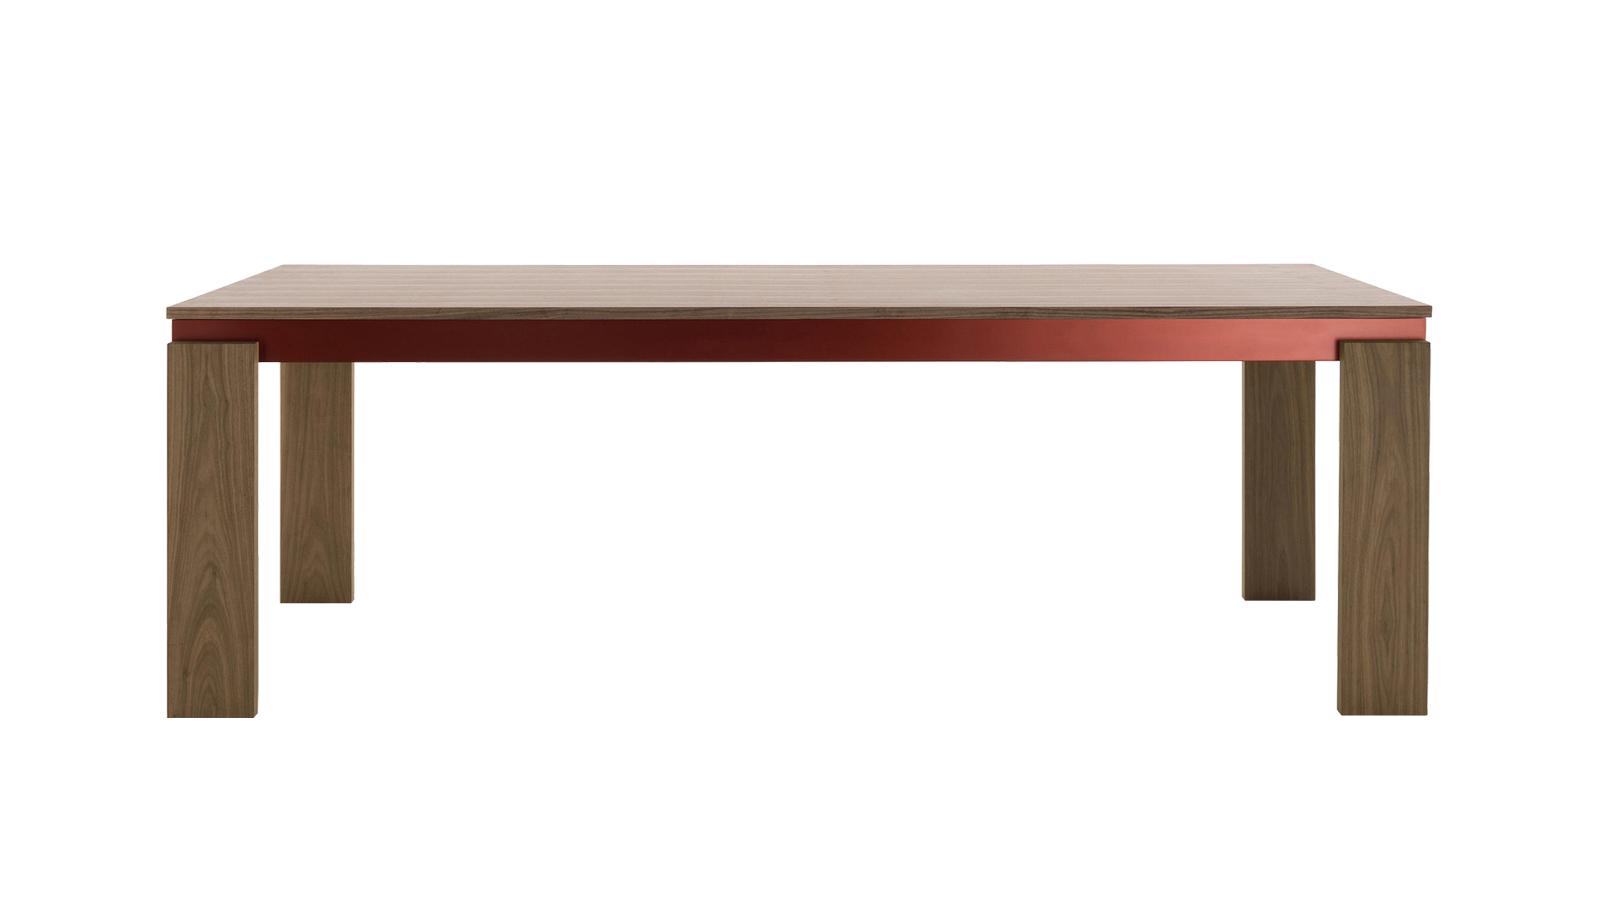 A fém, az üveg és a fa mesterhármasából születik meg a Parallel Structure. Az asztalkollekció a fém szigorúságát oldja fel a barátságos fával és a kellemesen csillogó üveggel. Az eredmény pedig egy puritán szimplicitással, ám teljes valójában luxus kisugárzással bíró műremek. A bútorok pontosan azzal szolgálnak, amit első ránézésre is megutatnak magukból: időtállóságot és kortalan szépséget.